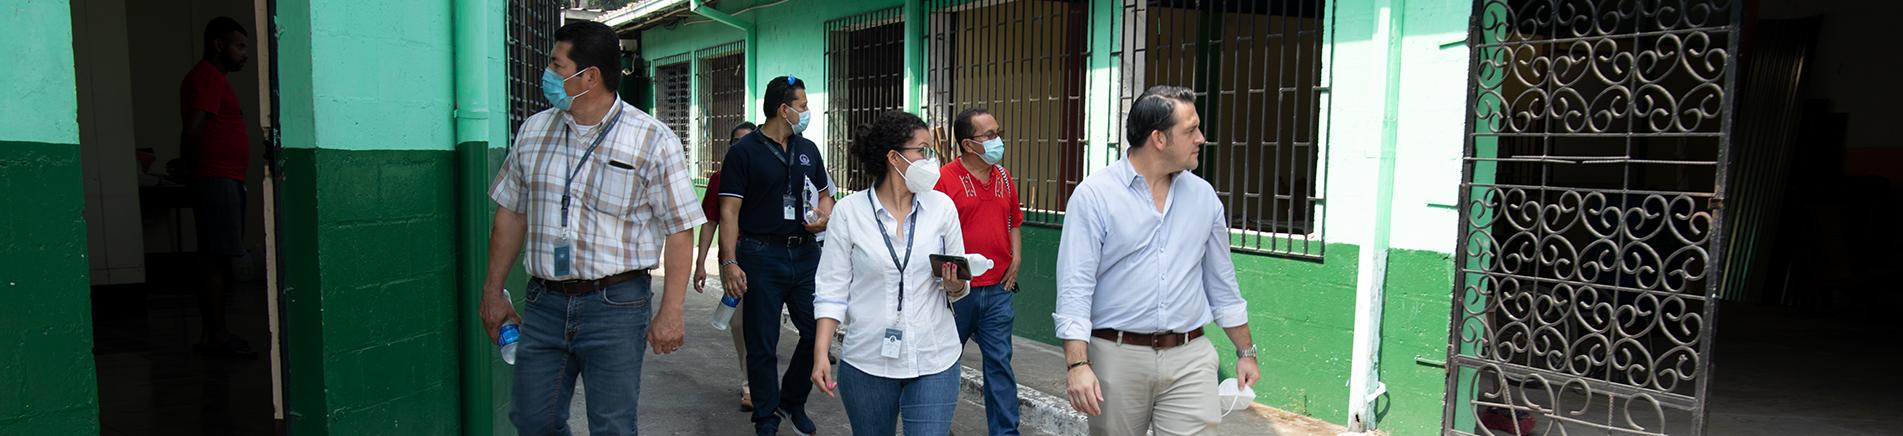 Centro de Tratamiento Residencial Especializado para personas con dependencia a drogas (CTR)